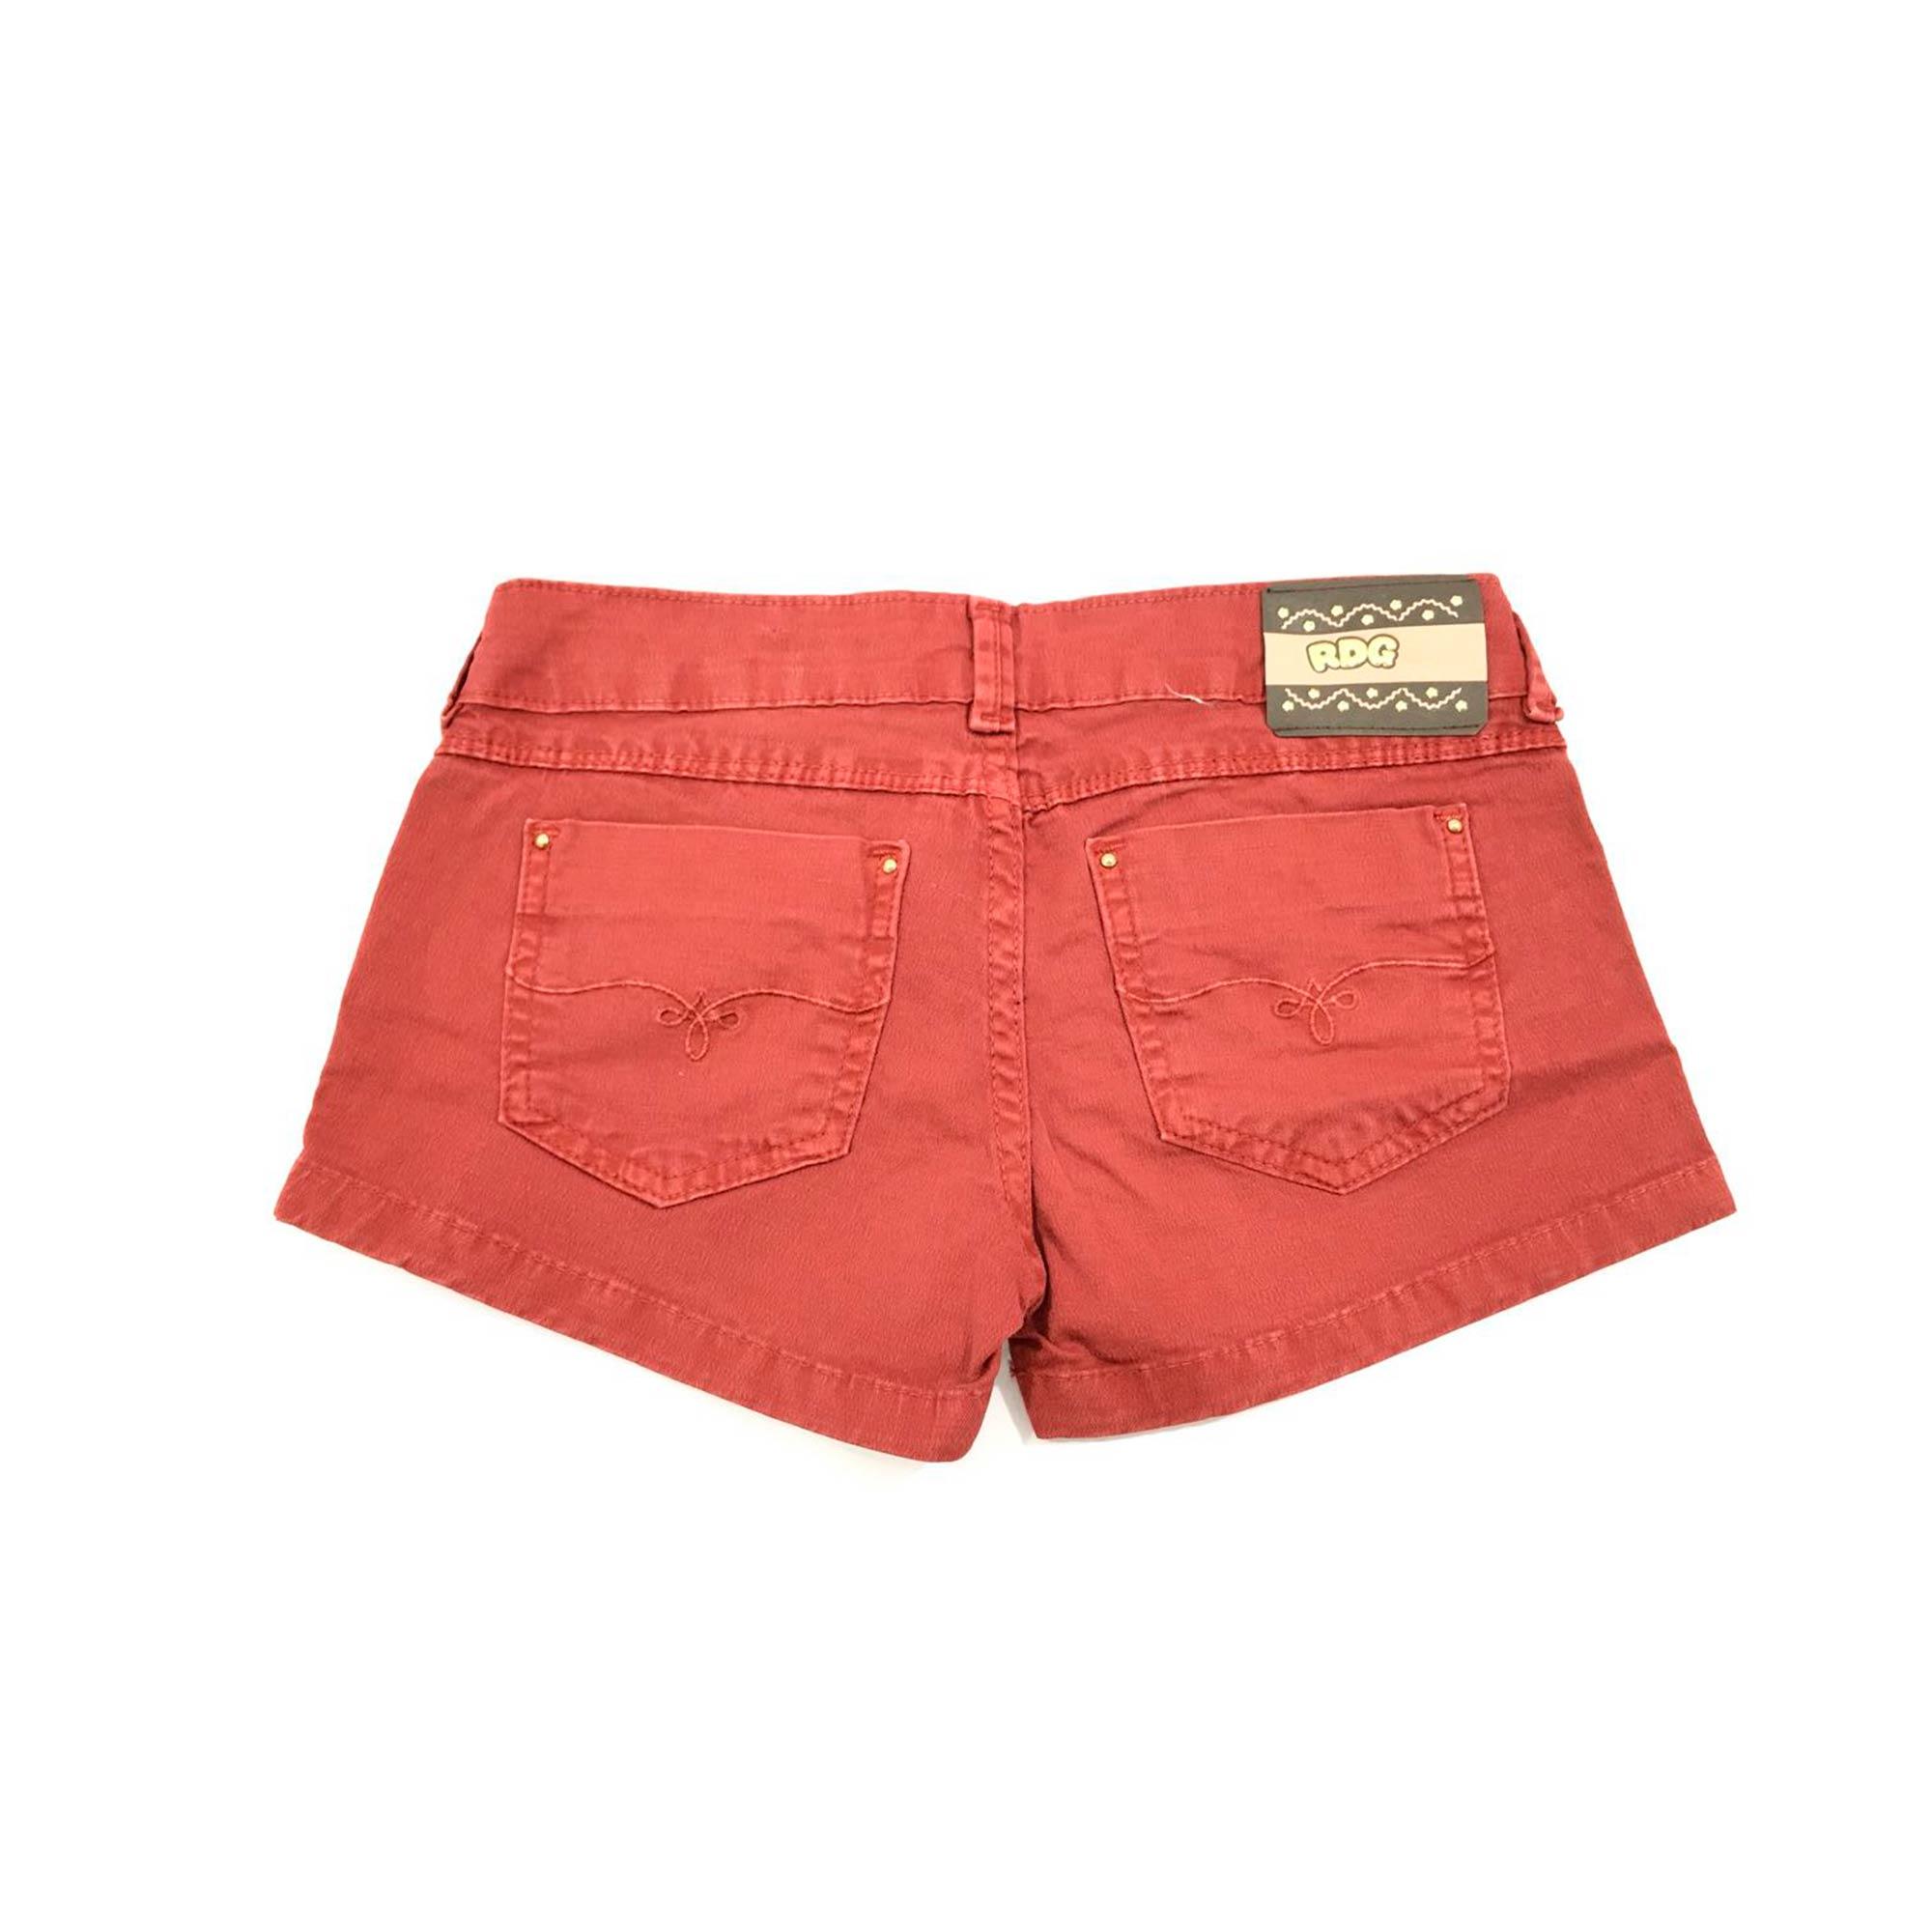 Short RDG Kids 059347